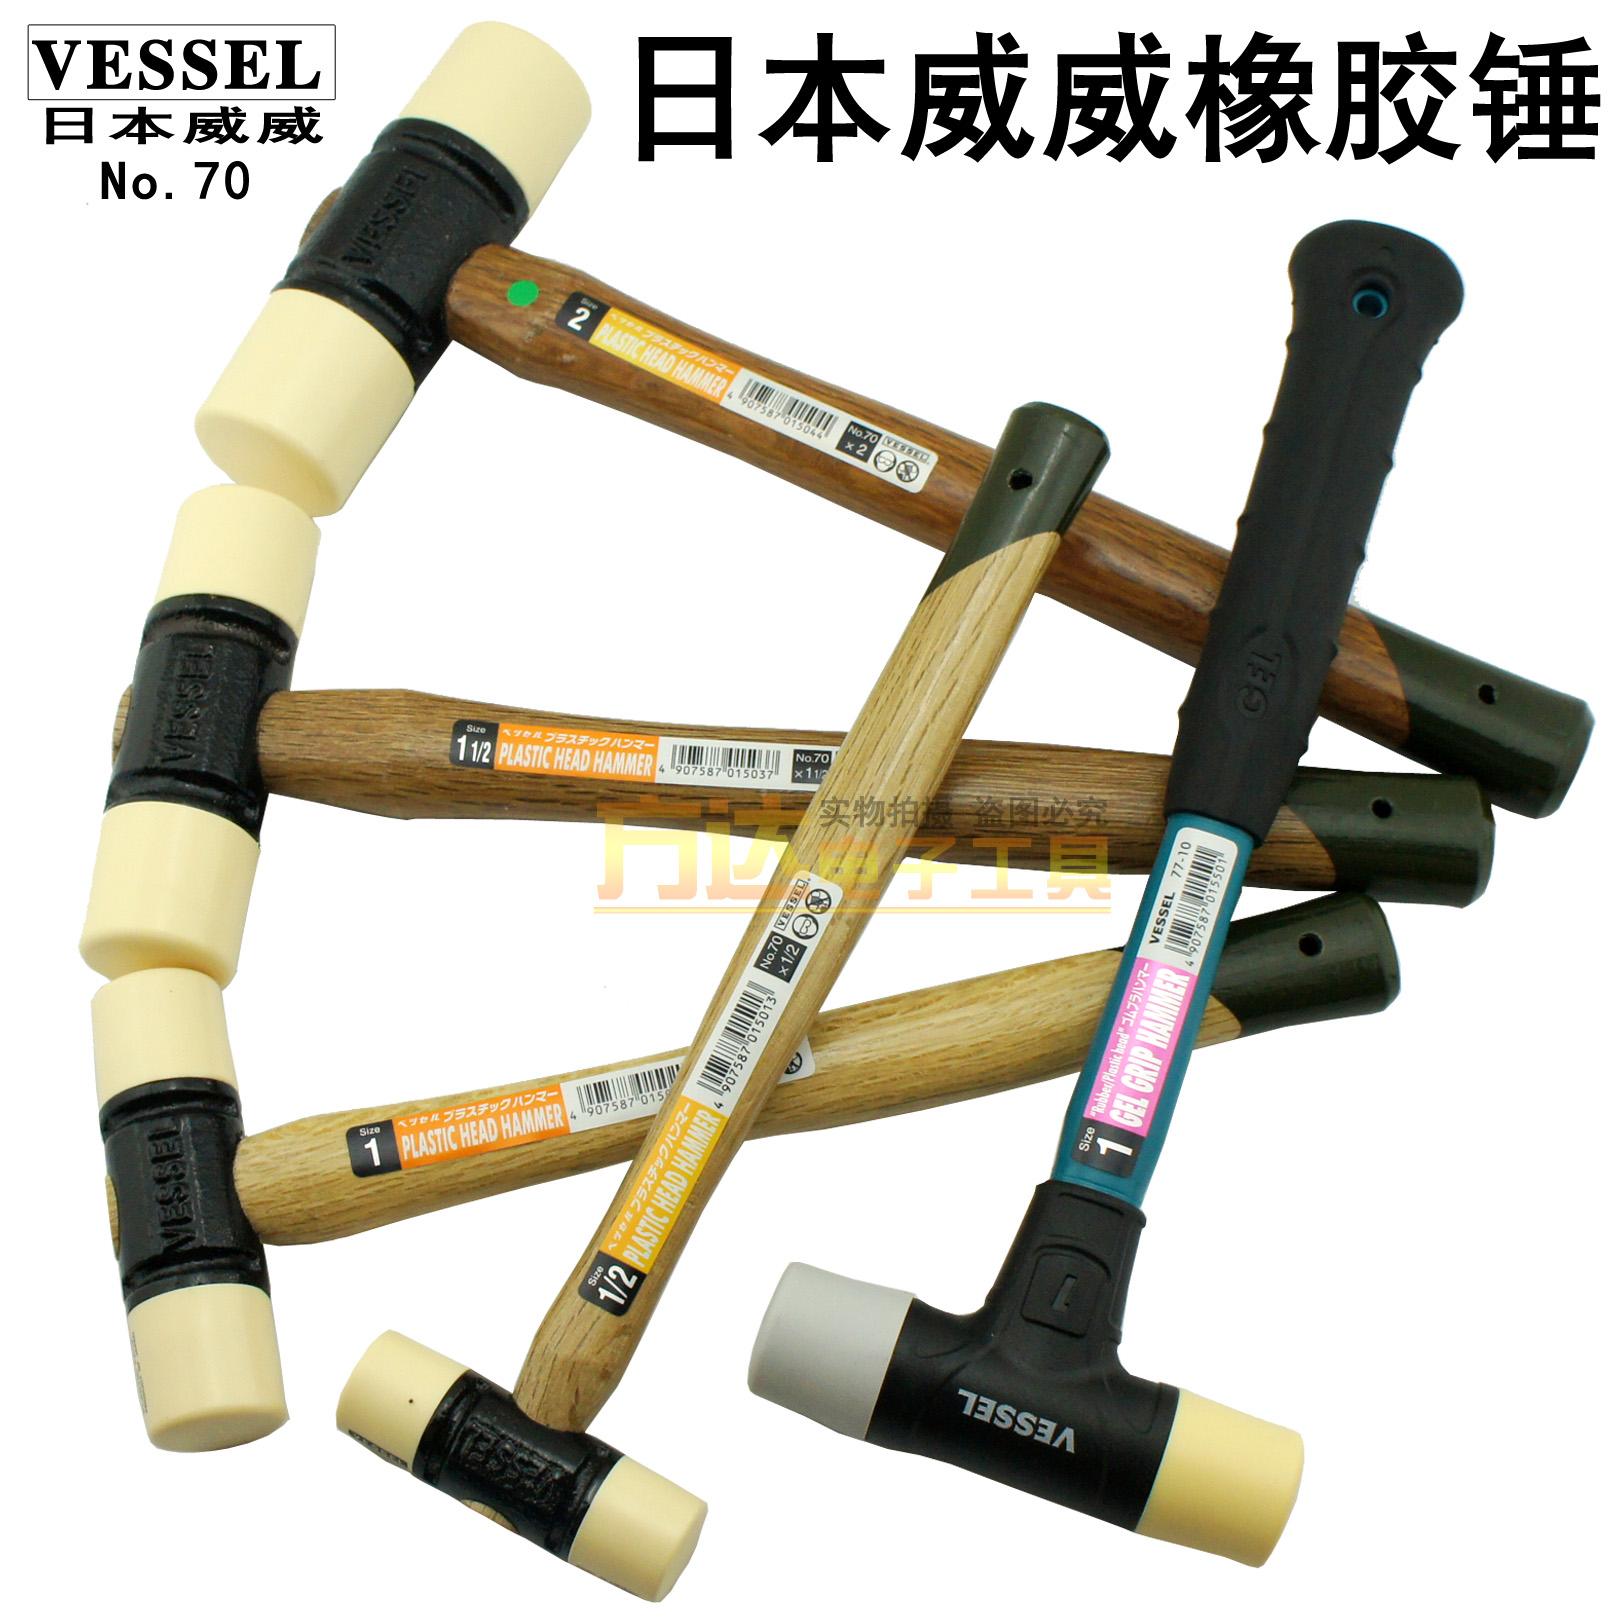 代購日本威威VESSEL木工ナイロンハンマー輸入ゴムハンマーインストールハンマー硬質ハンマー